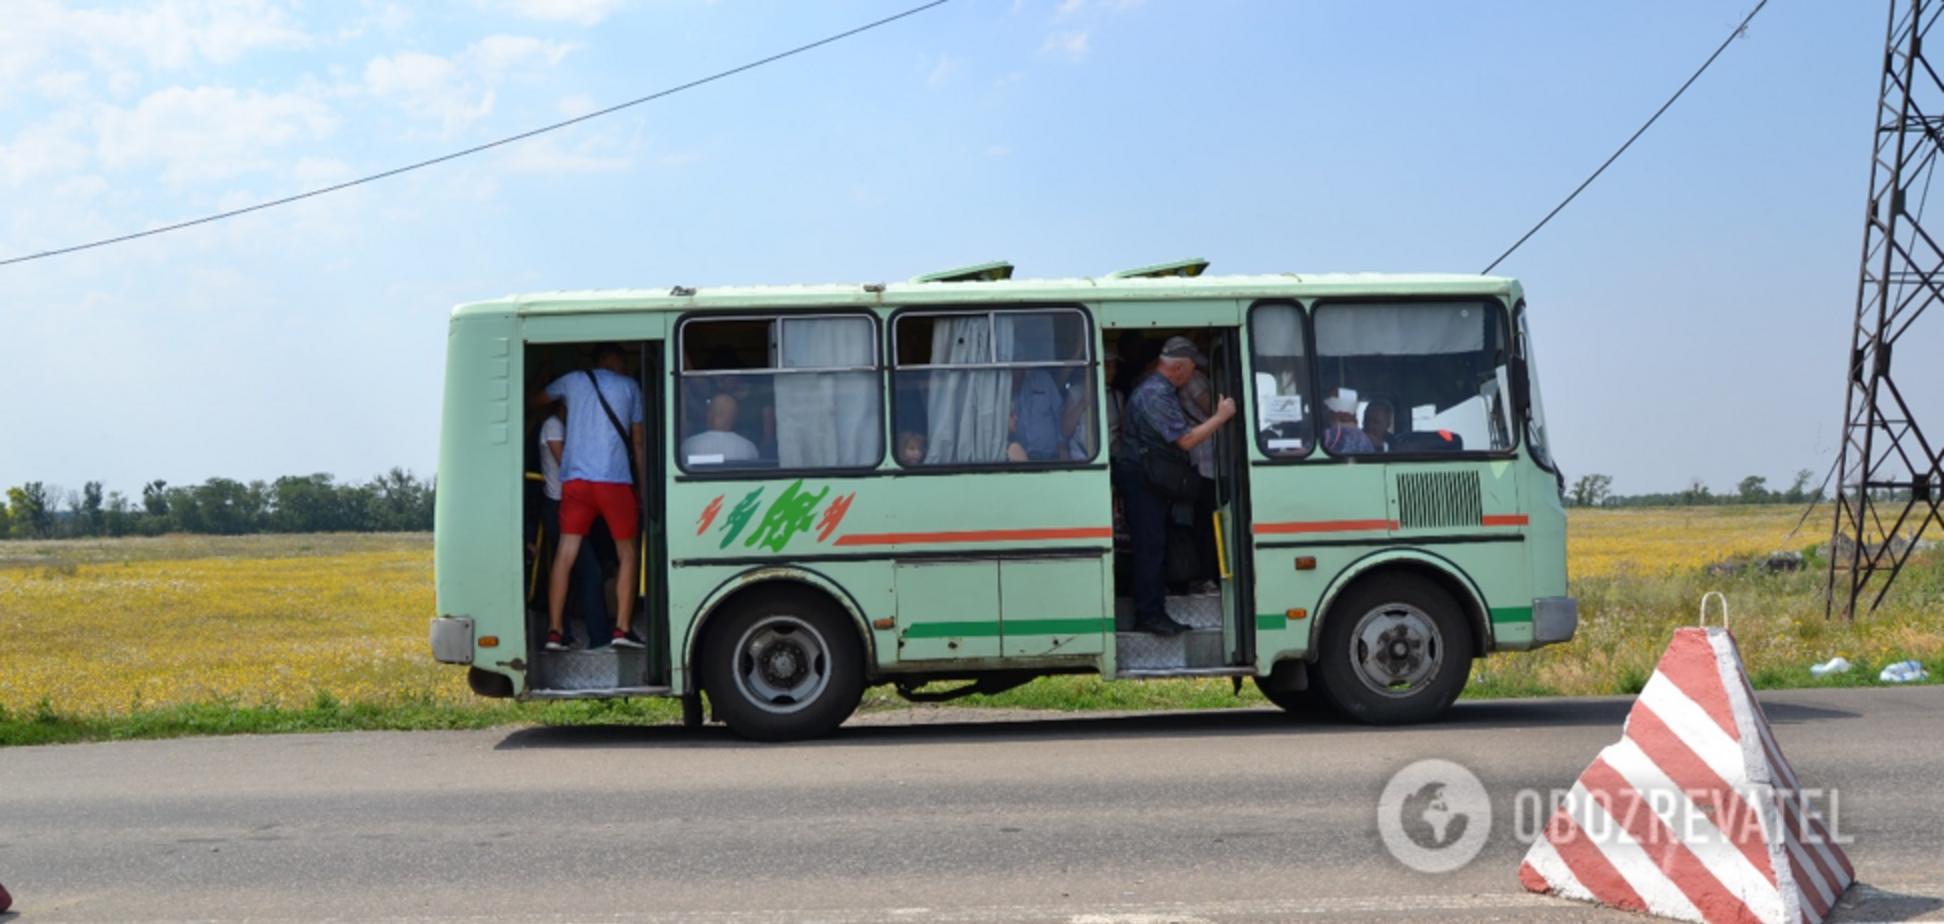 'Д*билы, позорище!' Жителей Донбасса взбесил 'прорыв' от главарей 'Л/ДНР'